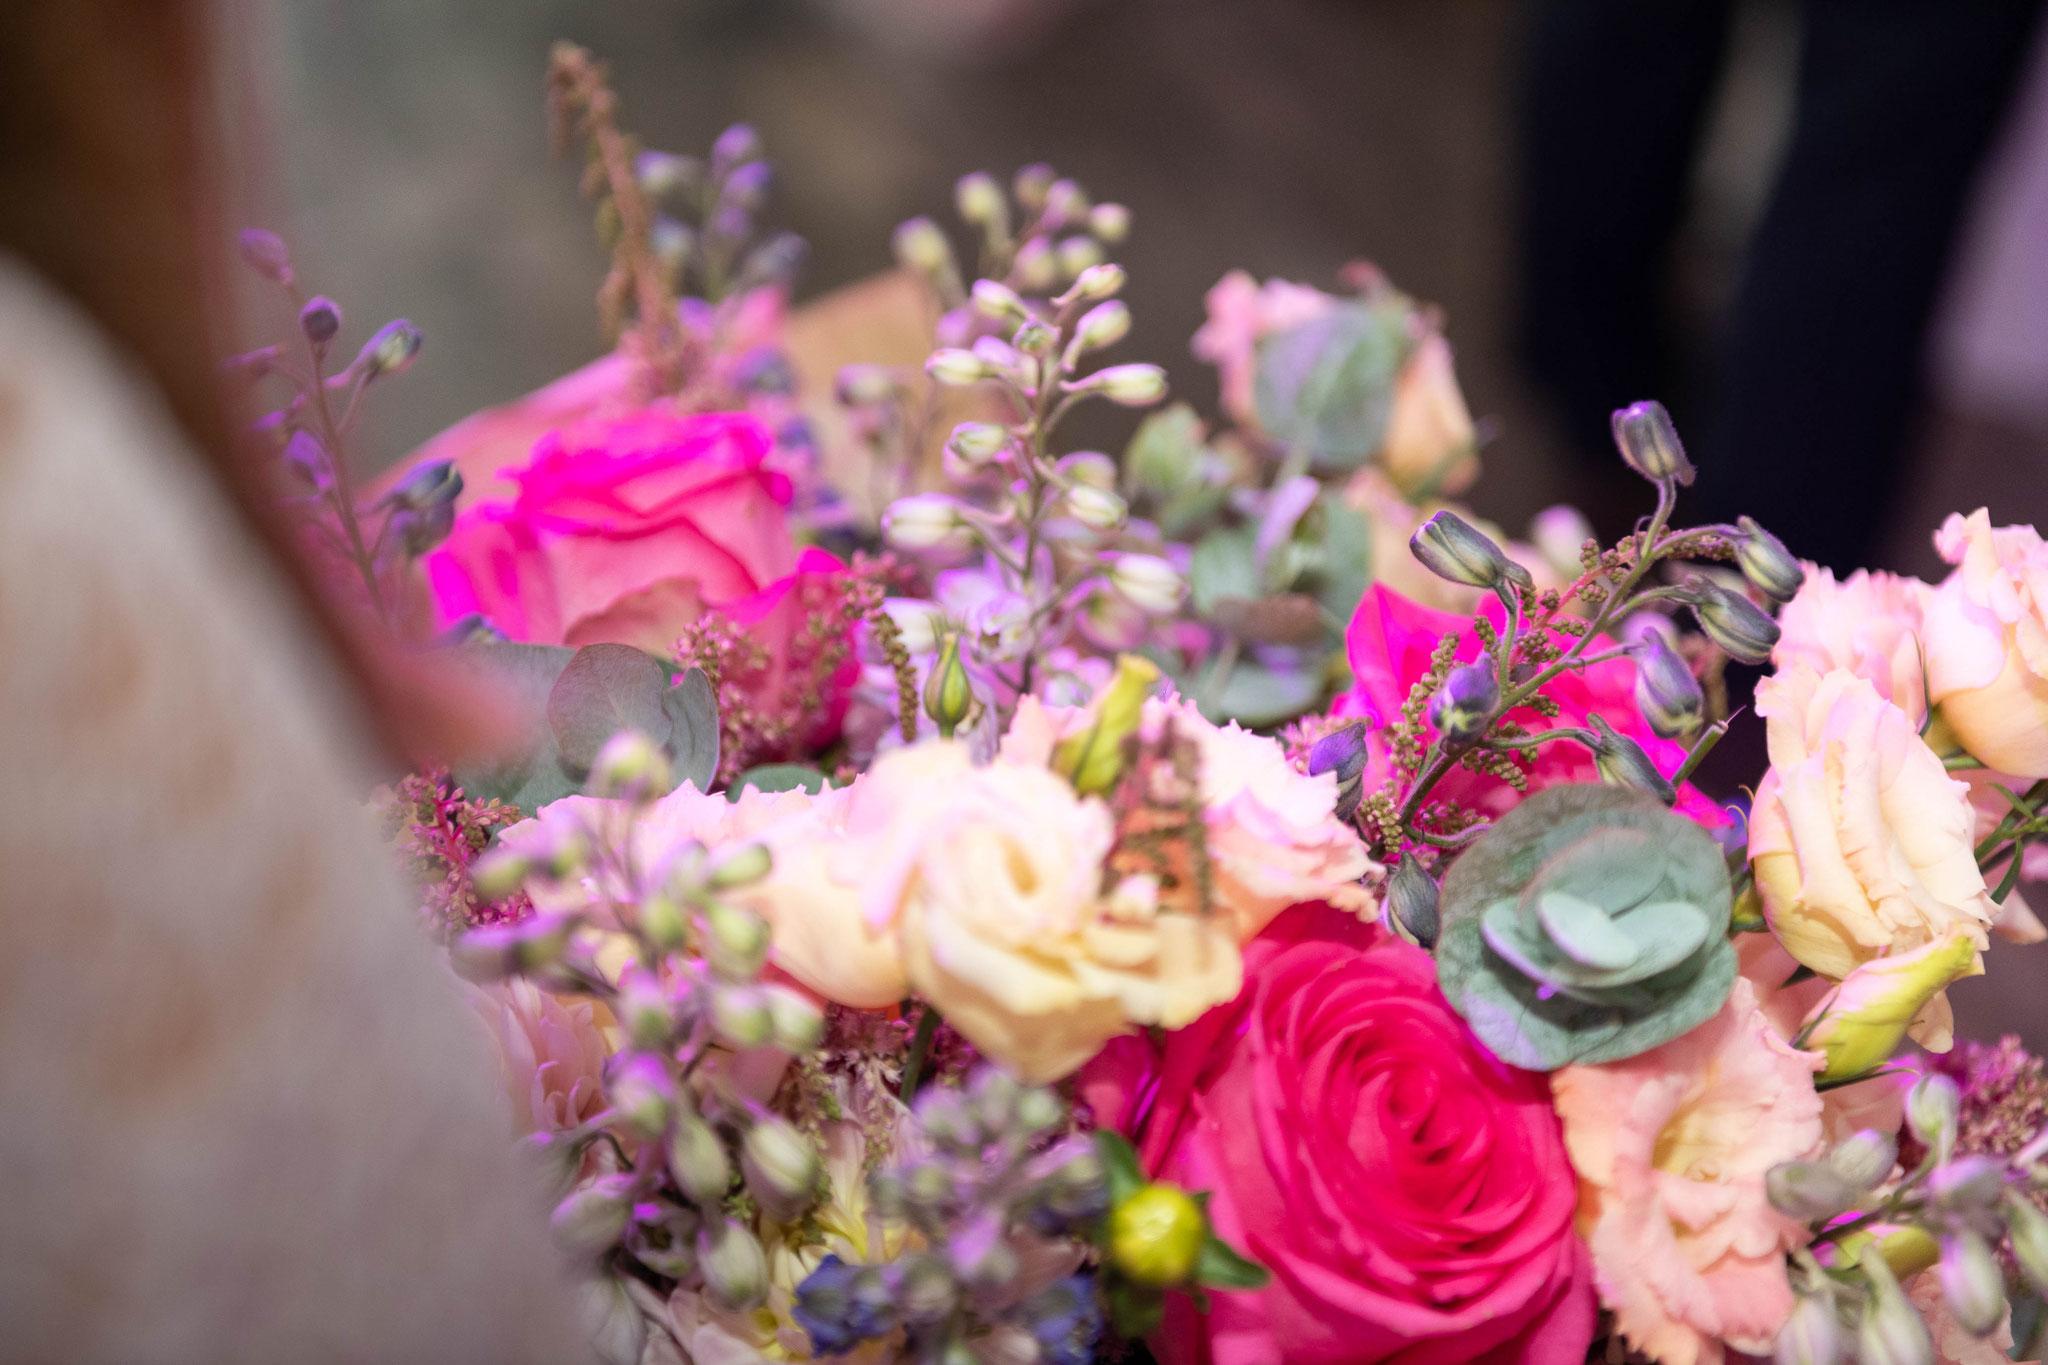 Dekorationen und Geschenke am Hochzeitstag